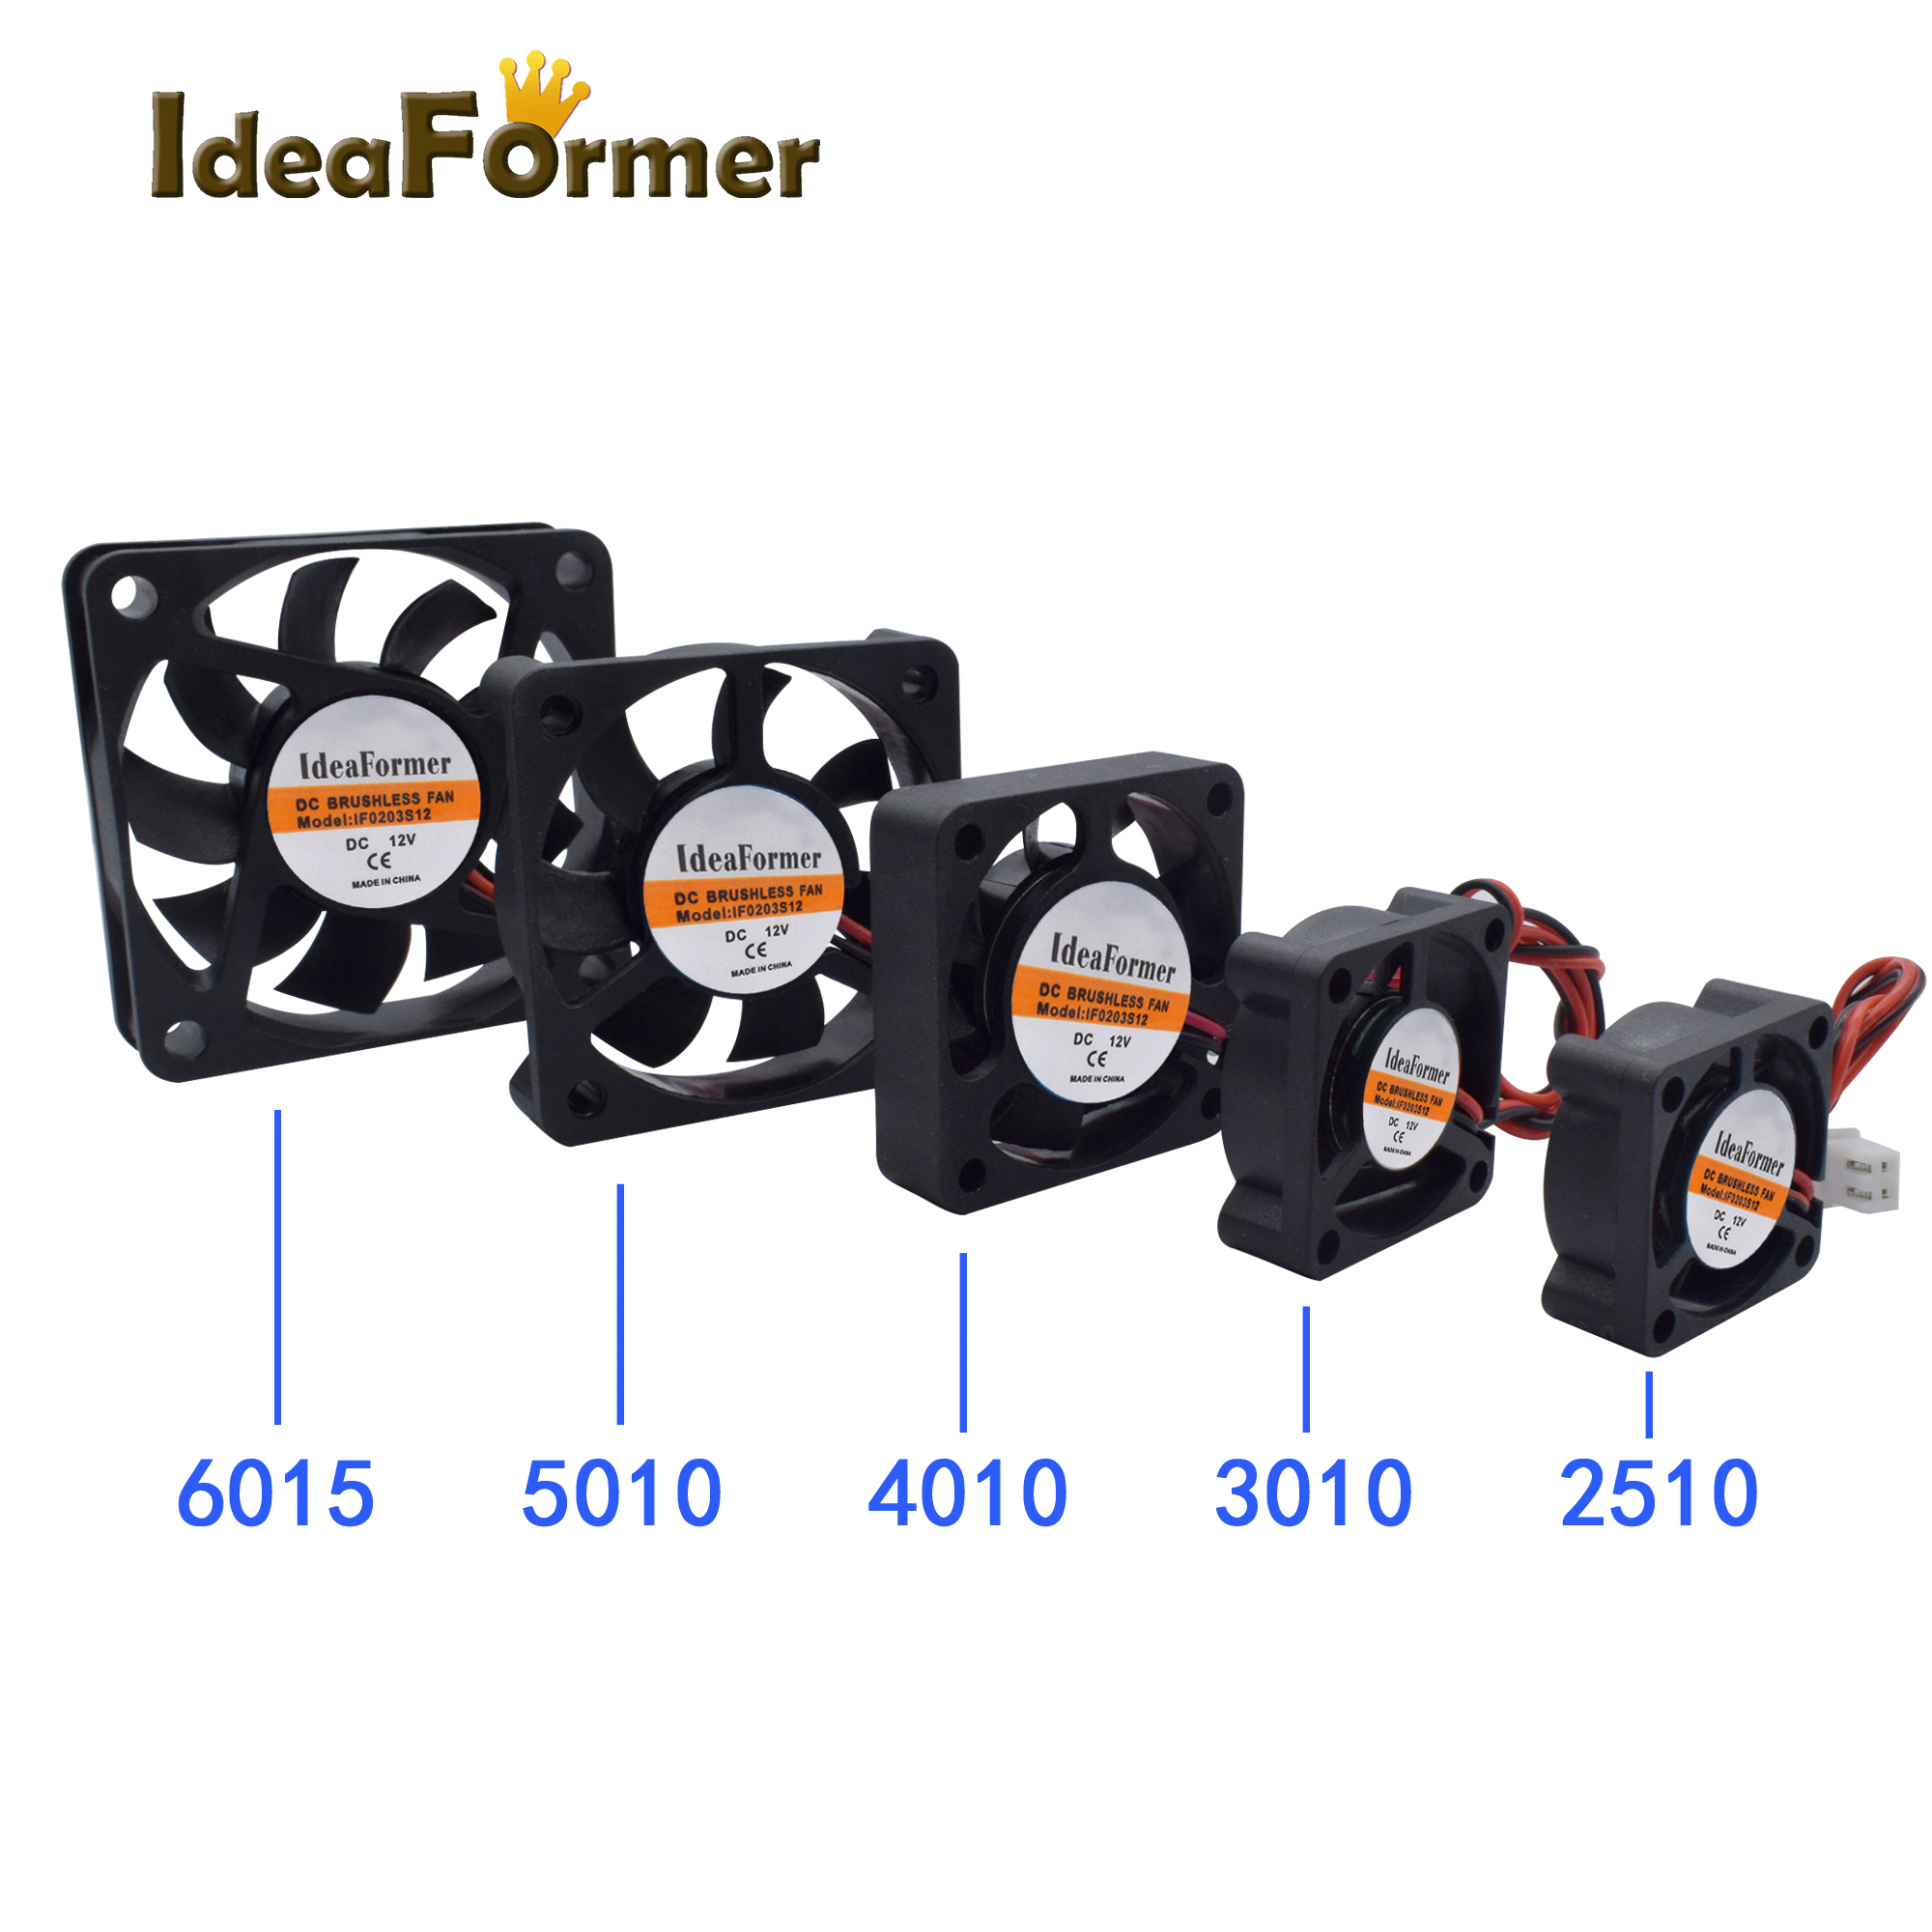 Детали для 3D-принтера 2510/3010/4010/5010/6015 мм, внешний вентилятор для 3D-принтера, постоянный ток 5/12/24 В с 2-контактным проводом Dupont, черный пластик